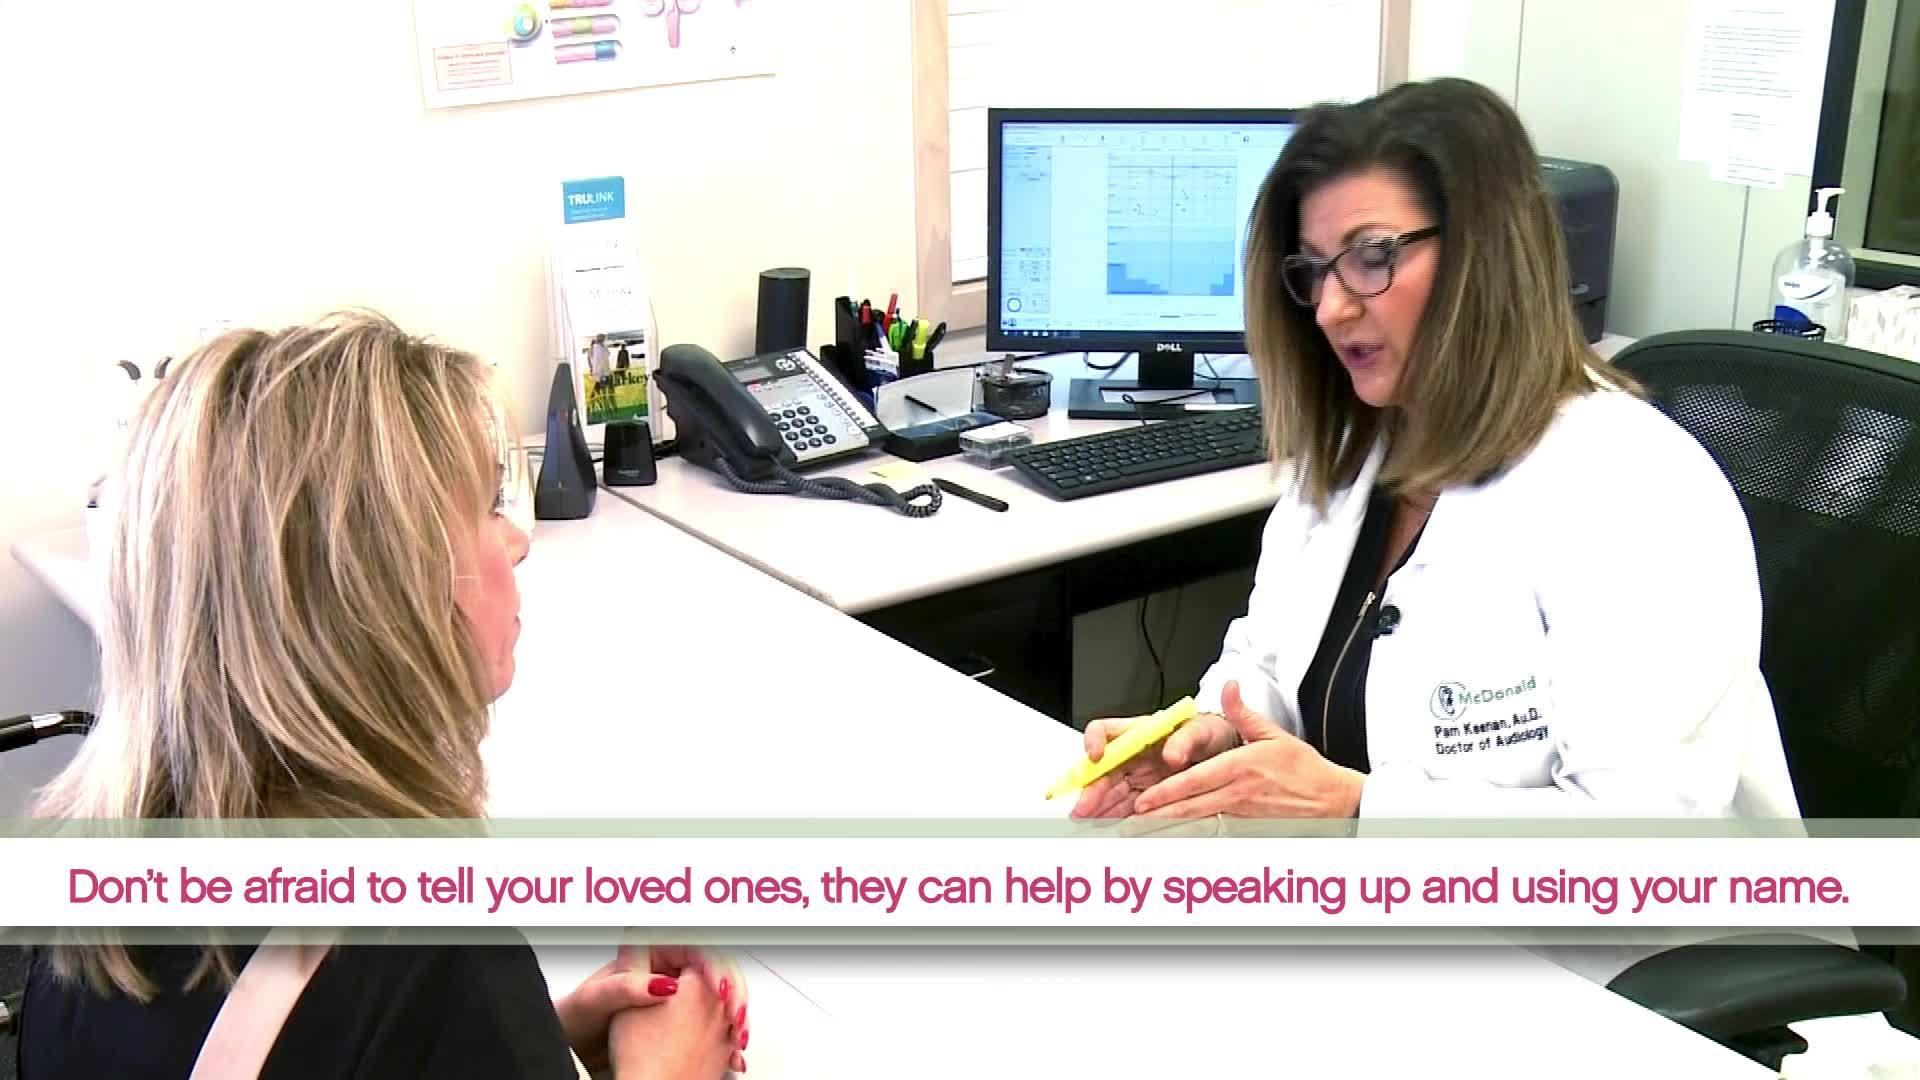 Hearing_loss__tips_for_better_communicat_8_20190416190440